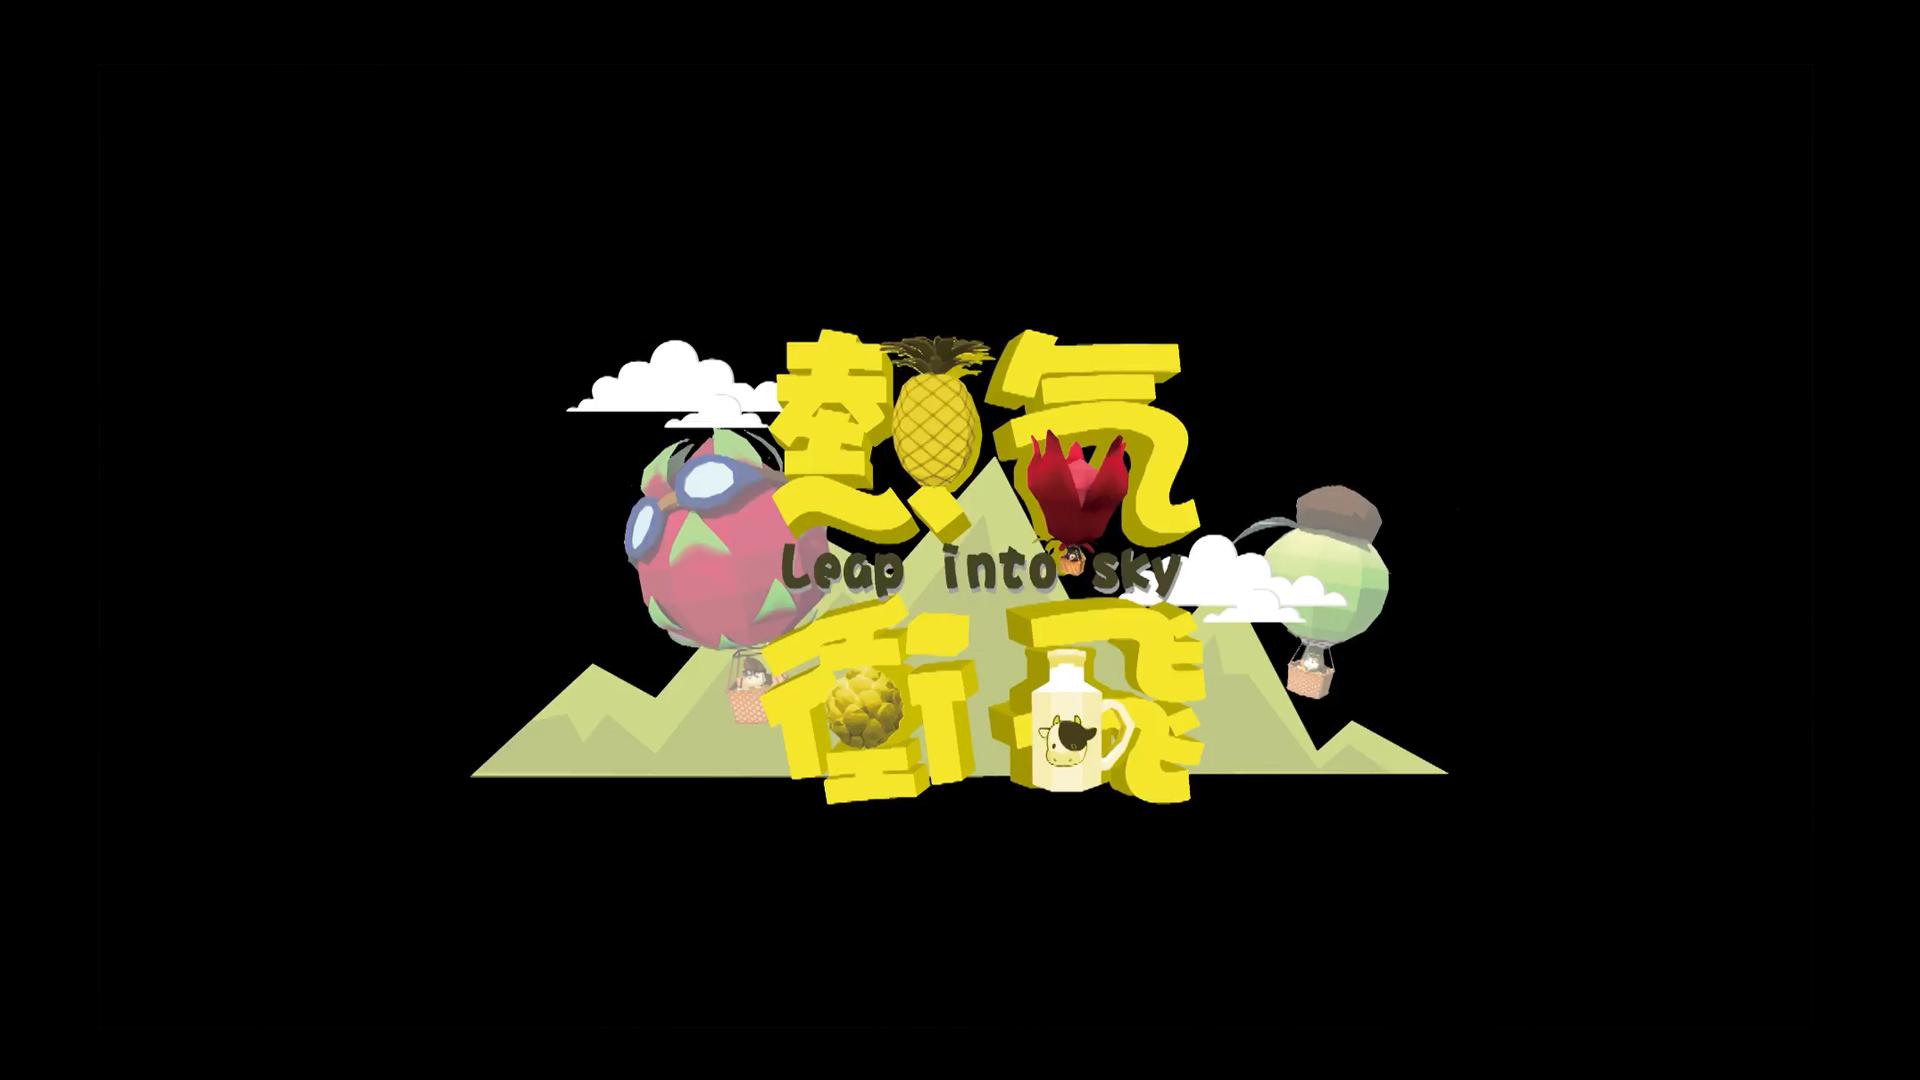 【競賽入圍】入圍優選2017放視大賞【熱氣衝飛】跨領域類-數位跨域組_張虔祥、李宜亭、鐘惠雯